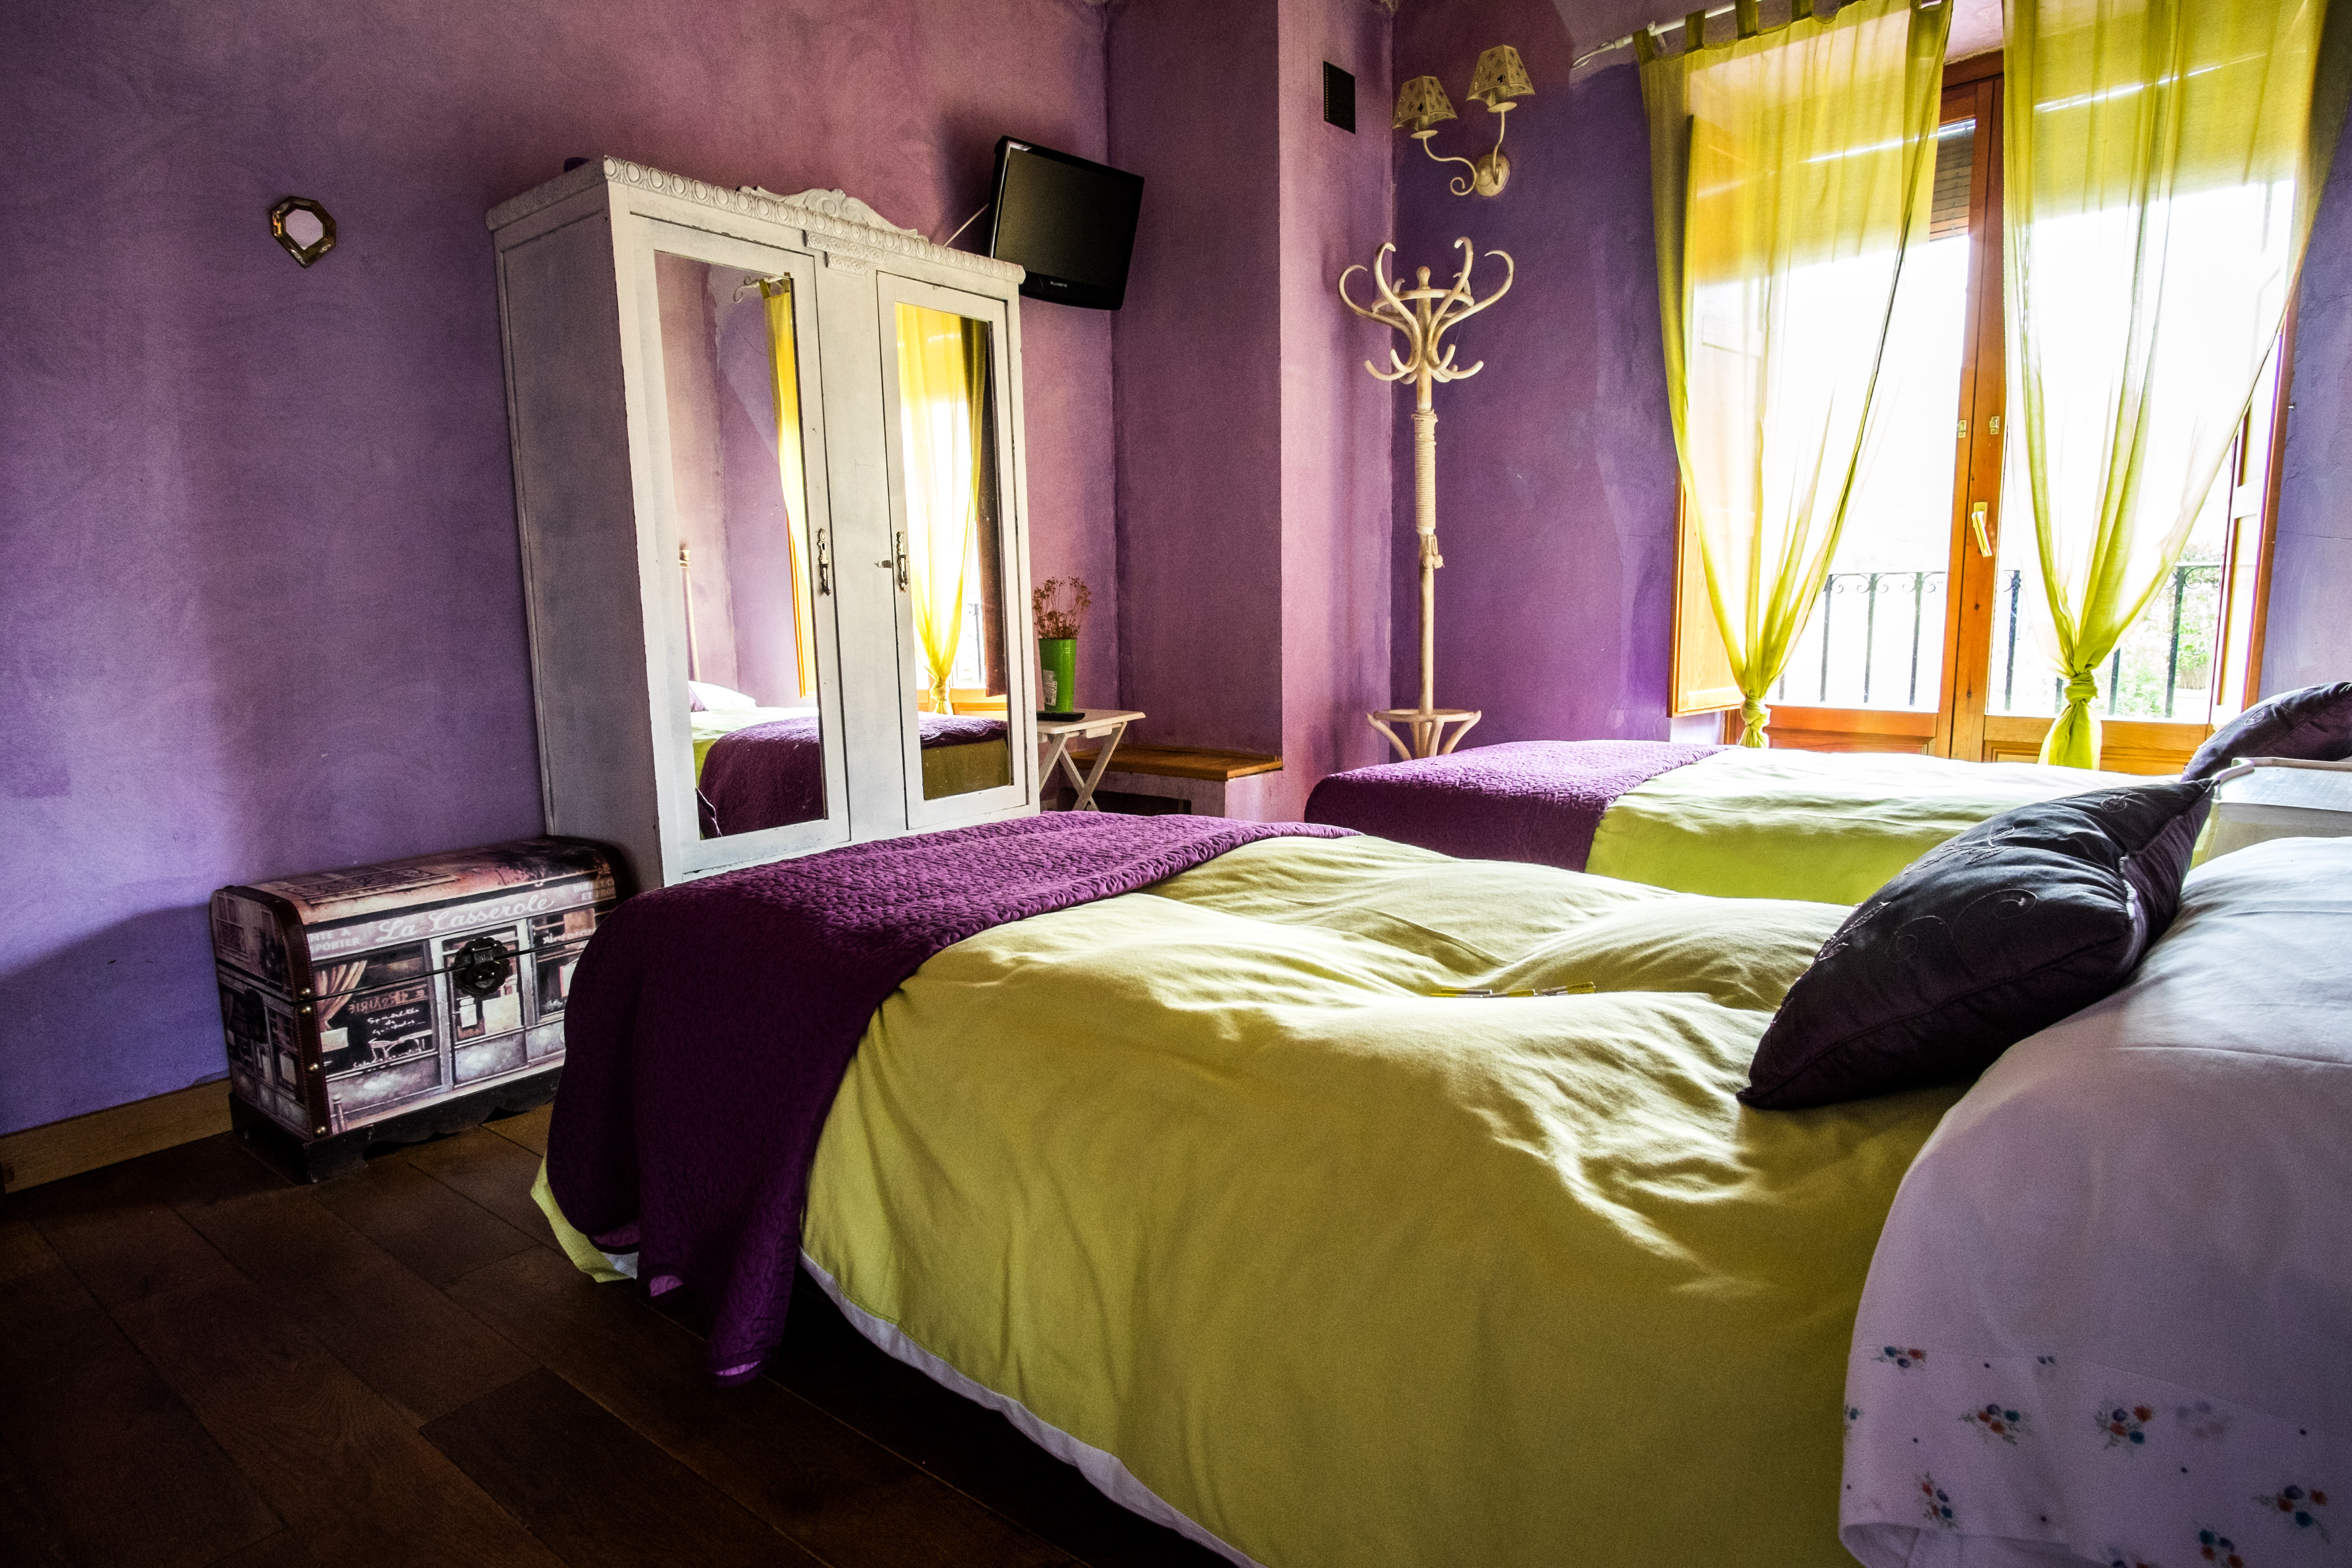 dormitorio 2 camas 2